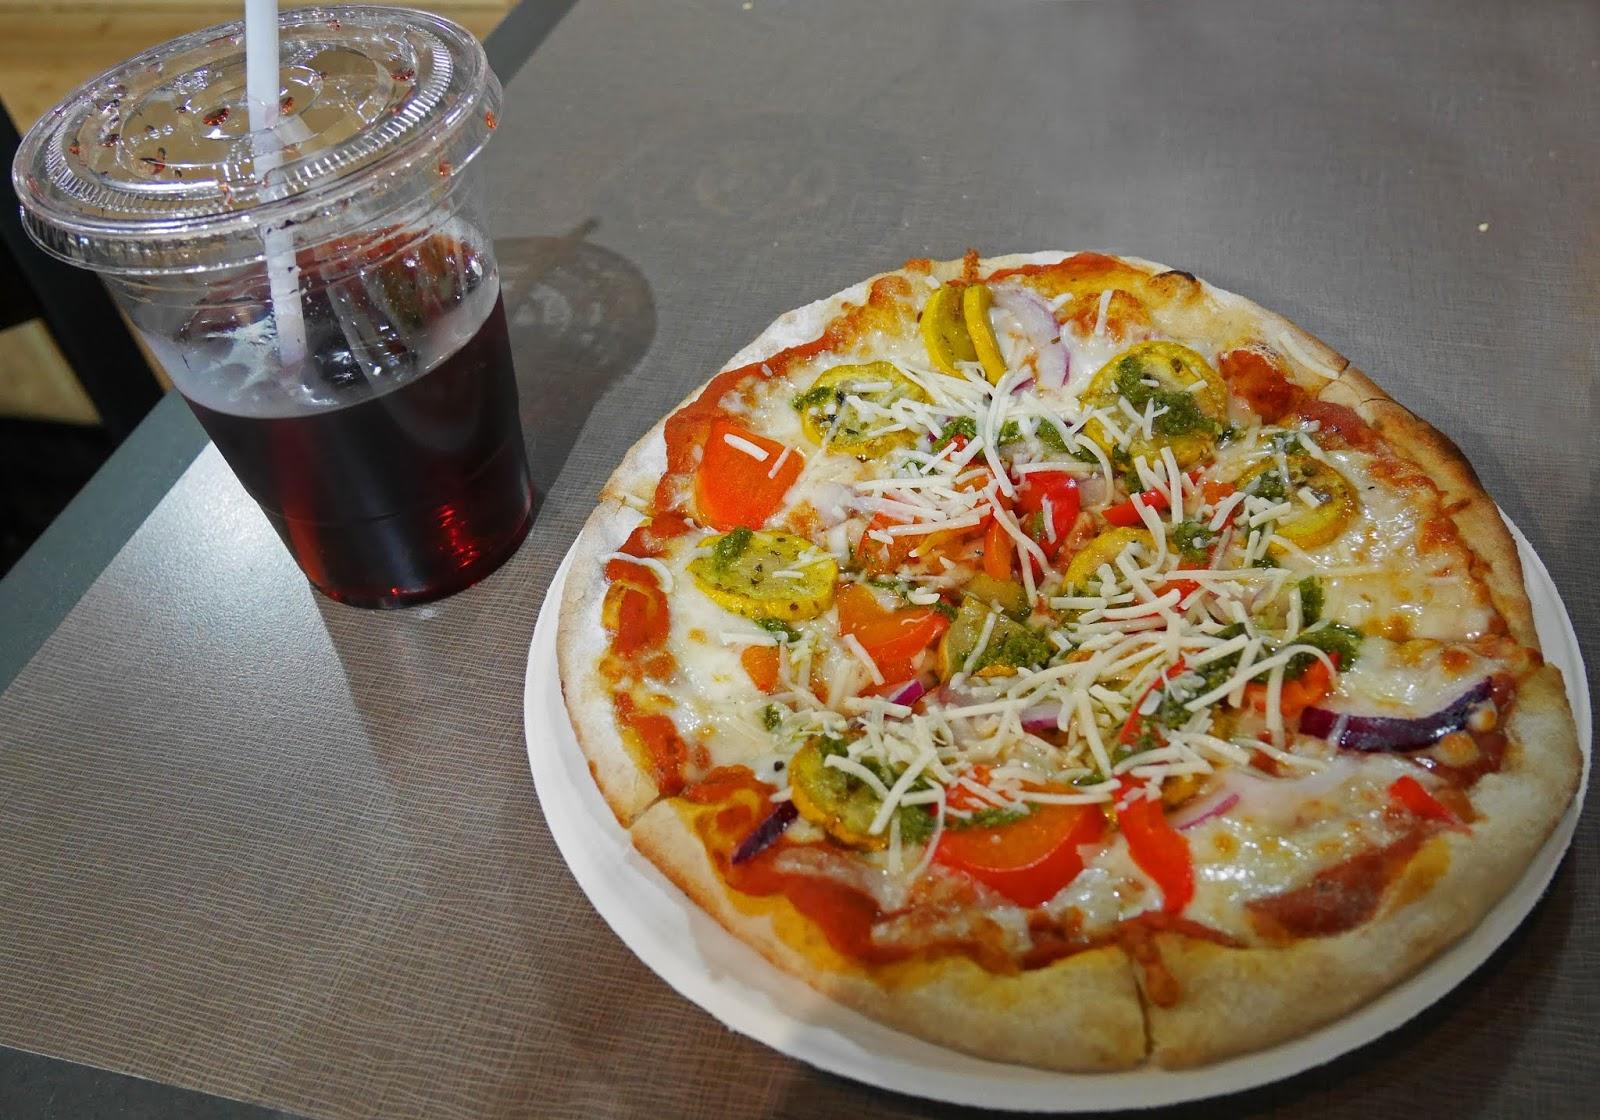 Rocky Mountain Flatbread Company pizza in Banff town, Alberta